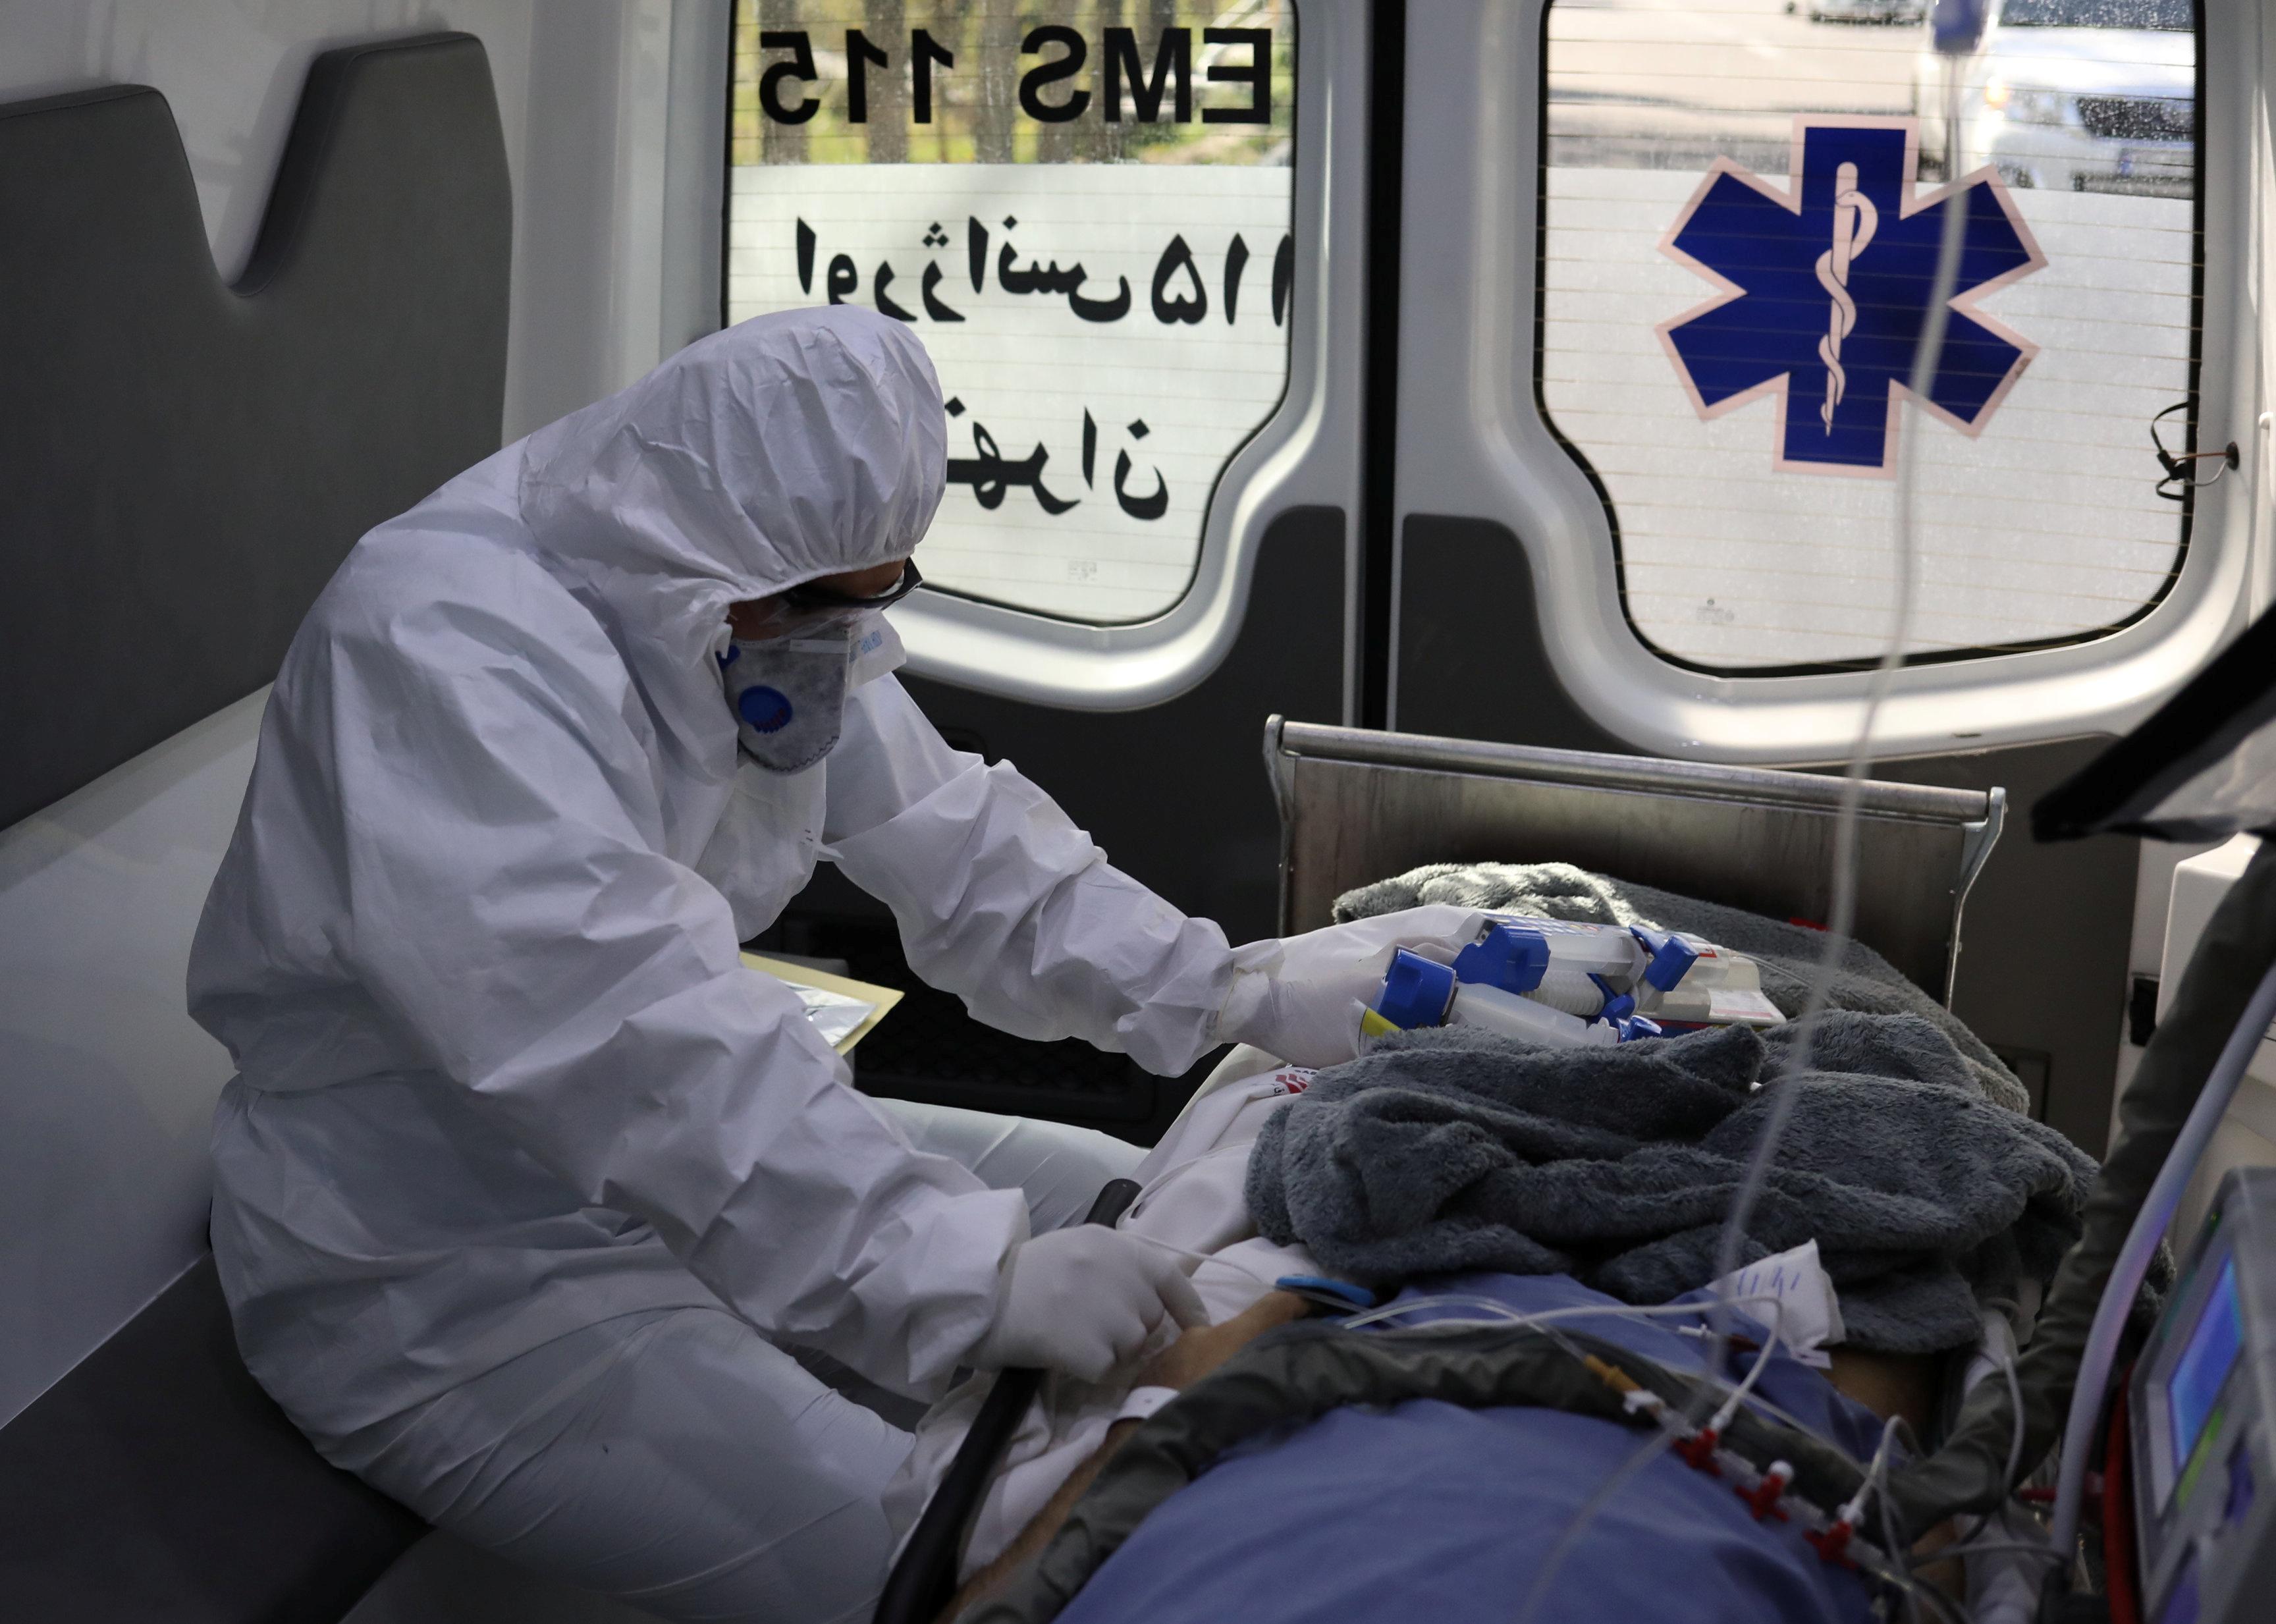 Un miembro del personal médico de emergencia con traje protector se sienta en una ambulancia mientras traslada a un paciente con coronavirus al Hospital Masih Daneshvari, en Teherán, Irán (REUTERS)